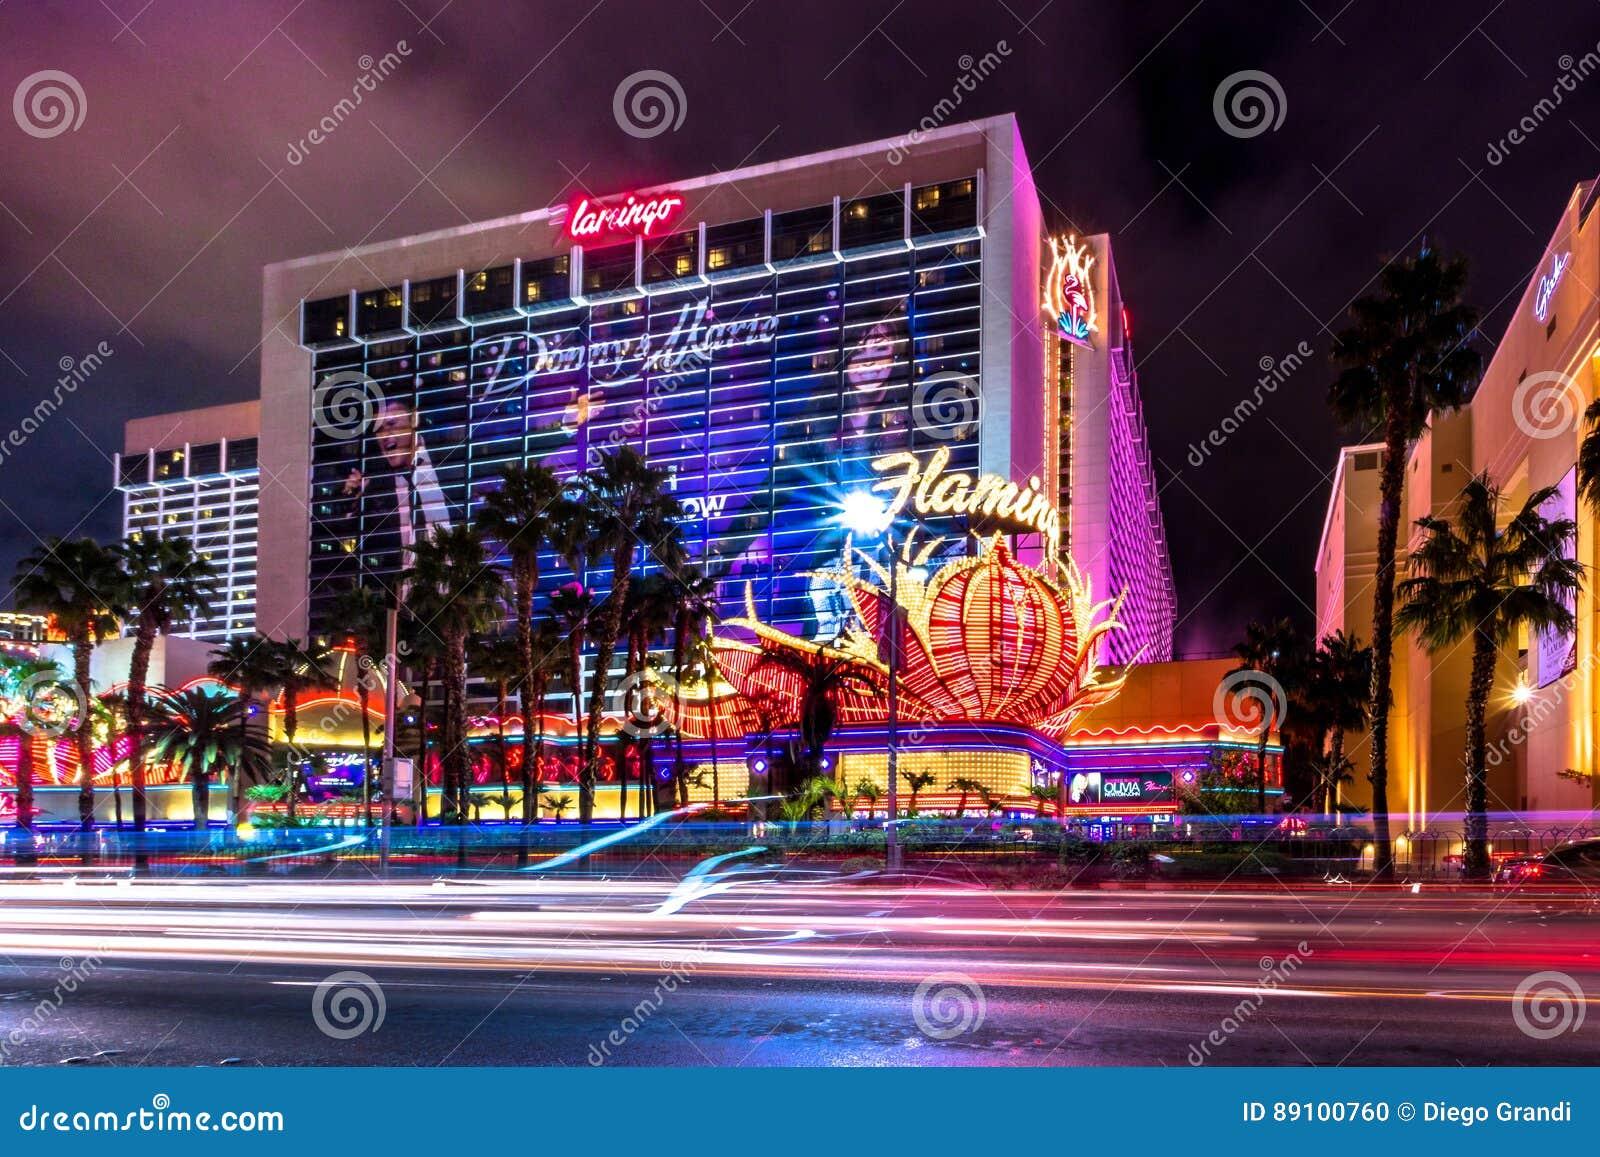 Сша казино лас вегас бесплатные казино игры играть бесплатно онлайн без регистрации